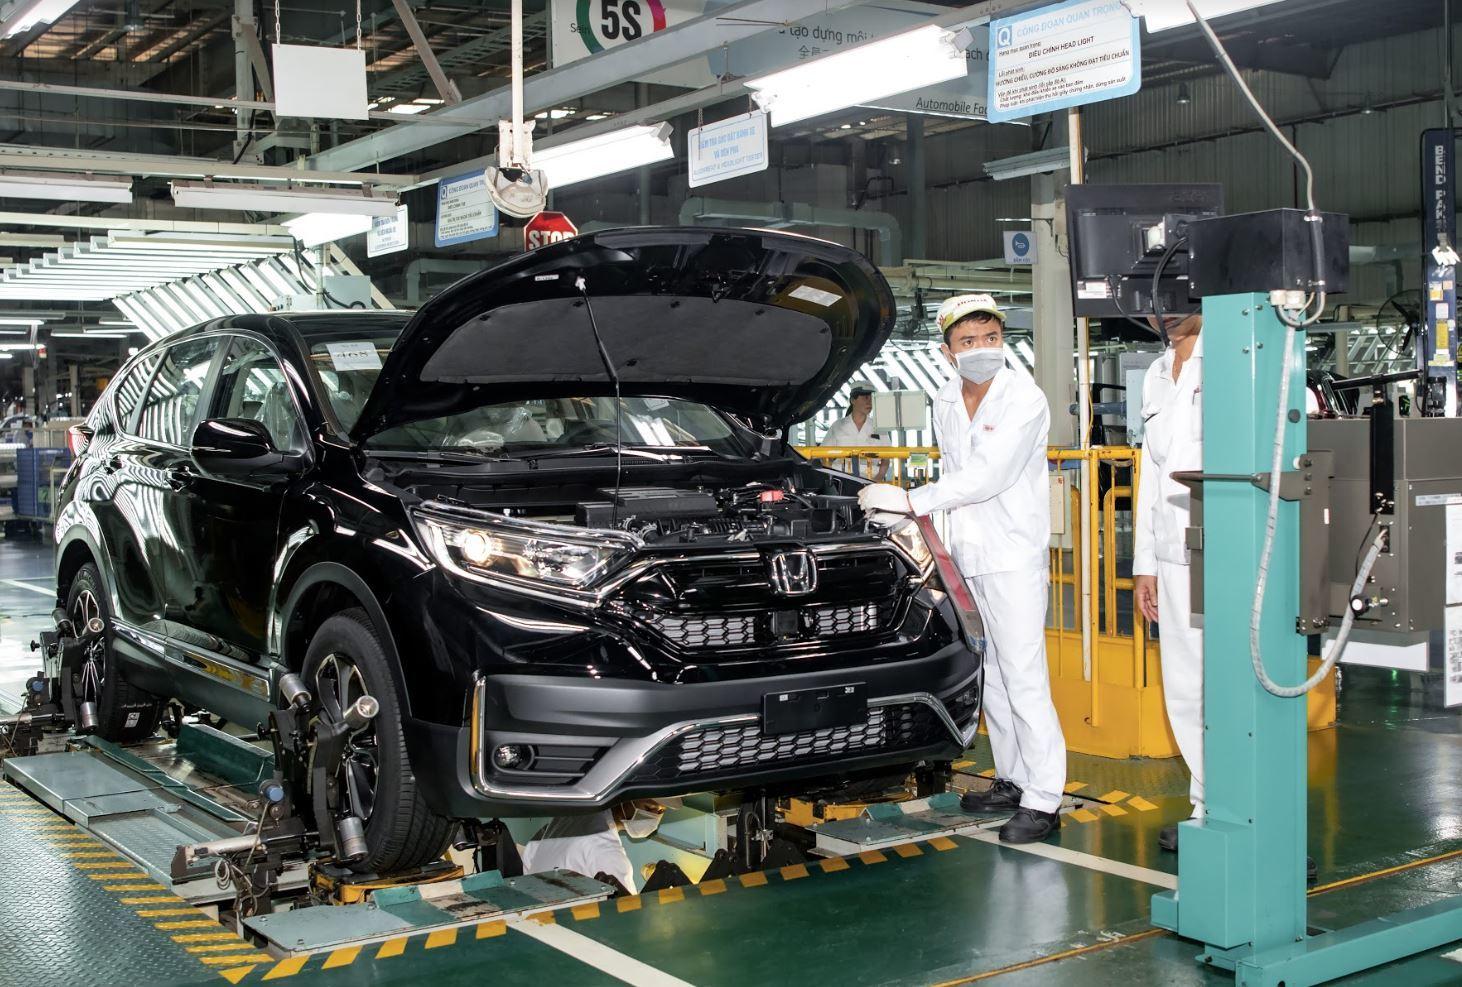 Doanh số bán xe máy, ô tô của Honda Việt Nam sụt giảm